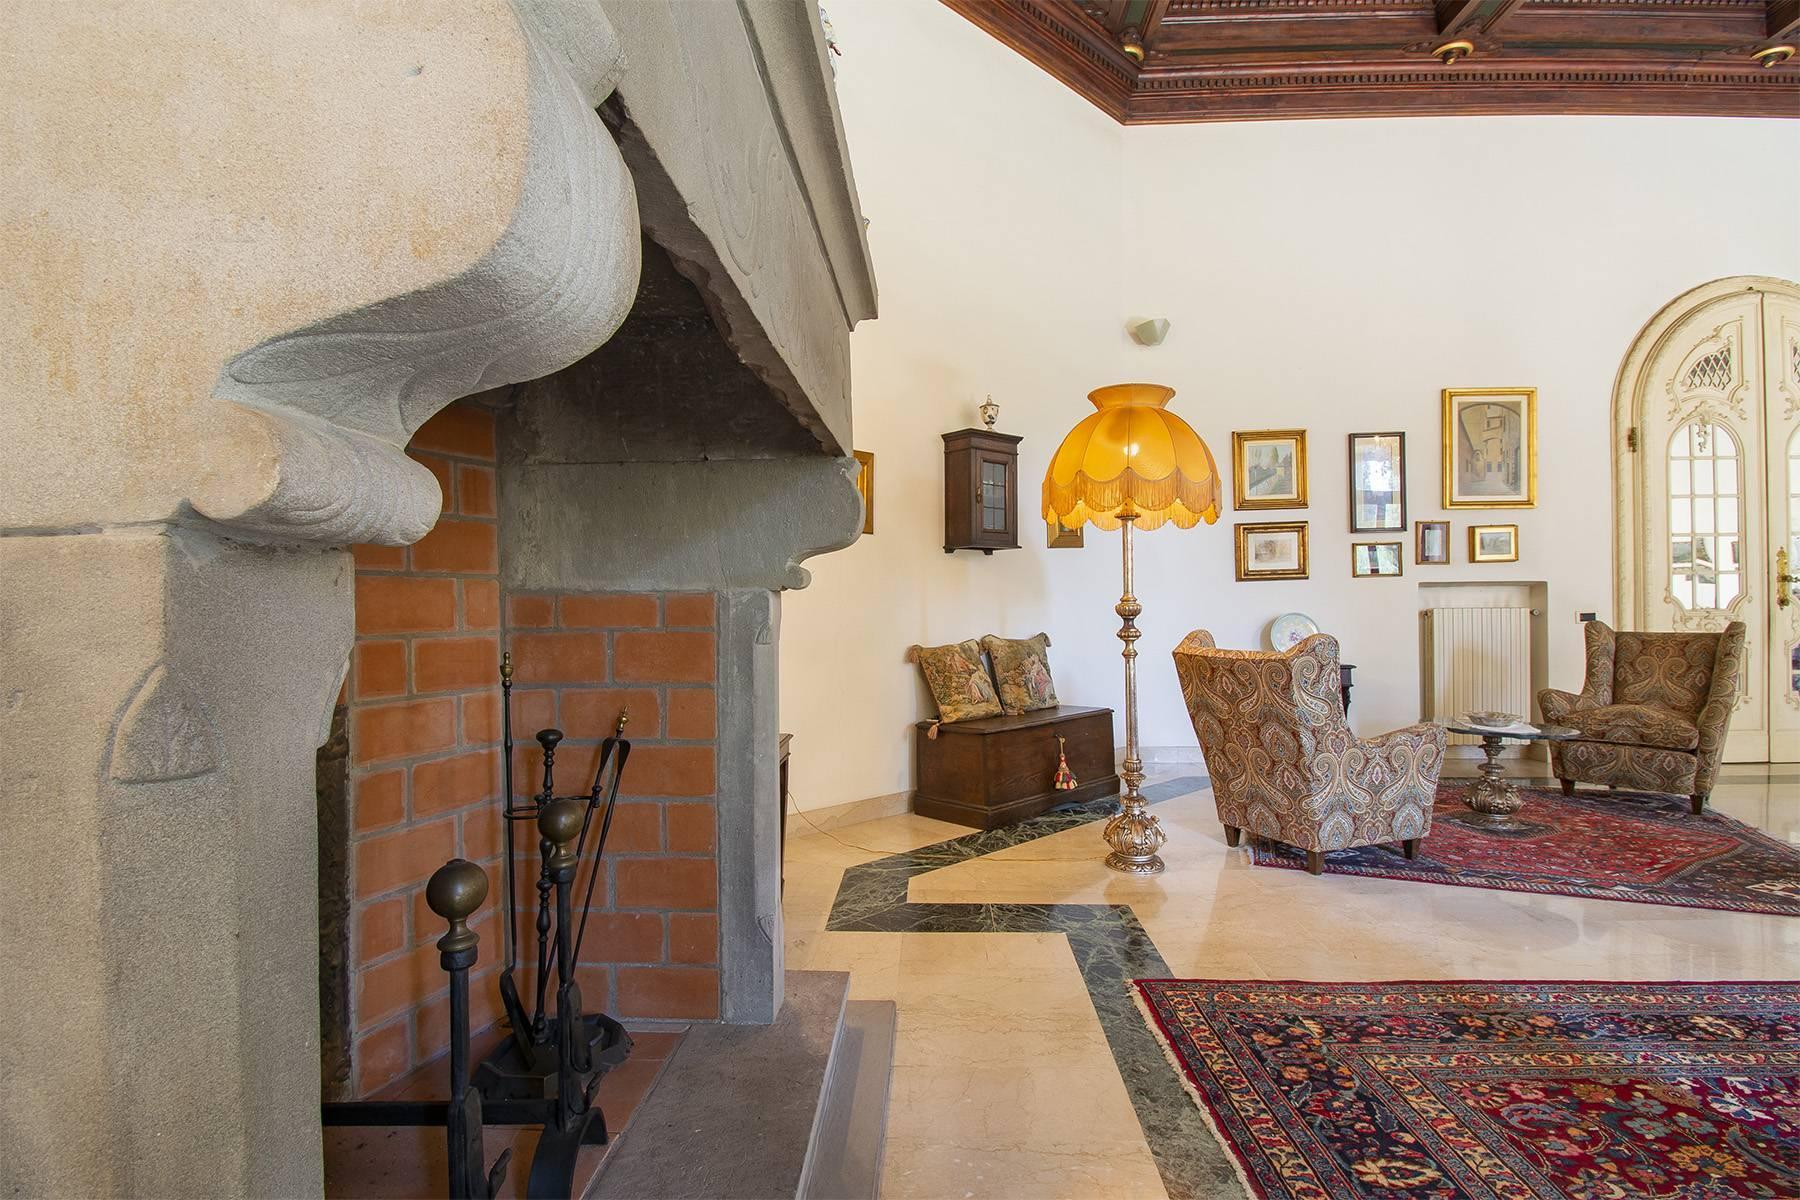 Exquisite apartment in a historic villa - 5